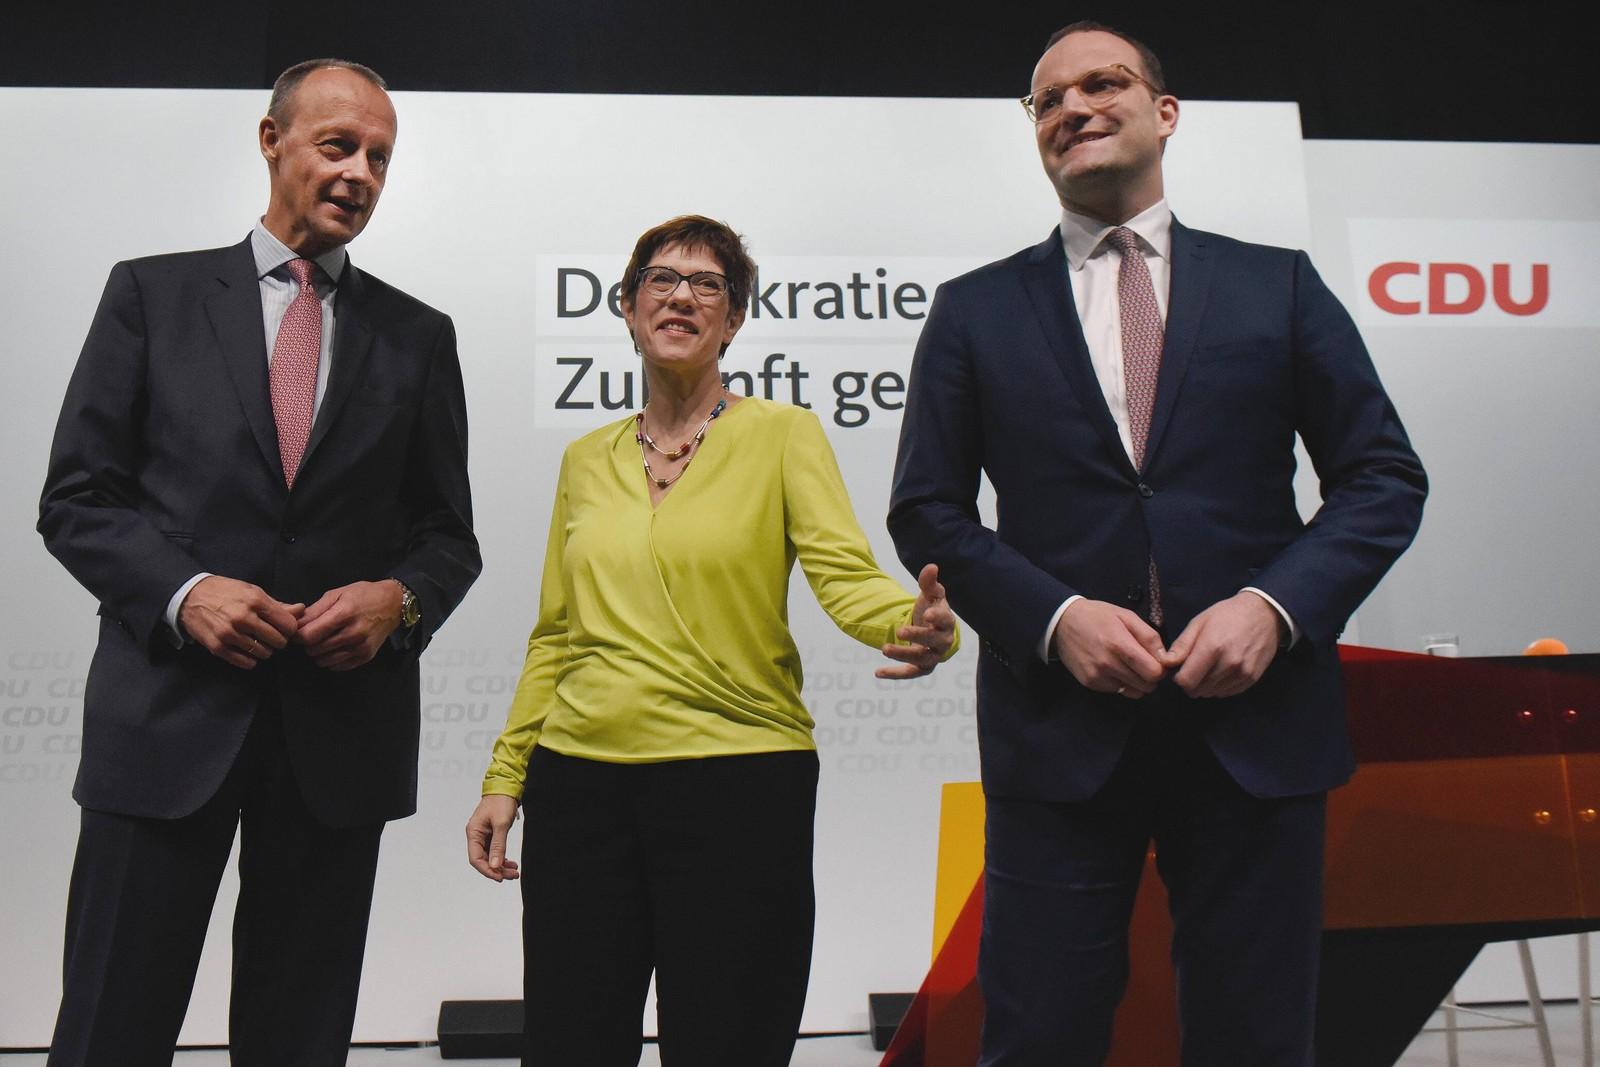 Friedrich Merz, Annegret Kramp-Karrenbauer und Jens Spahn von der CDU